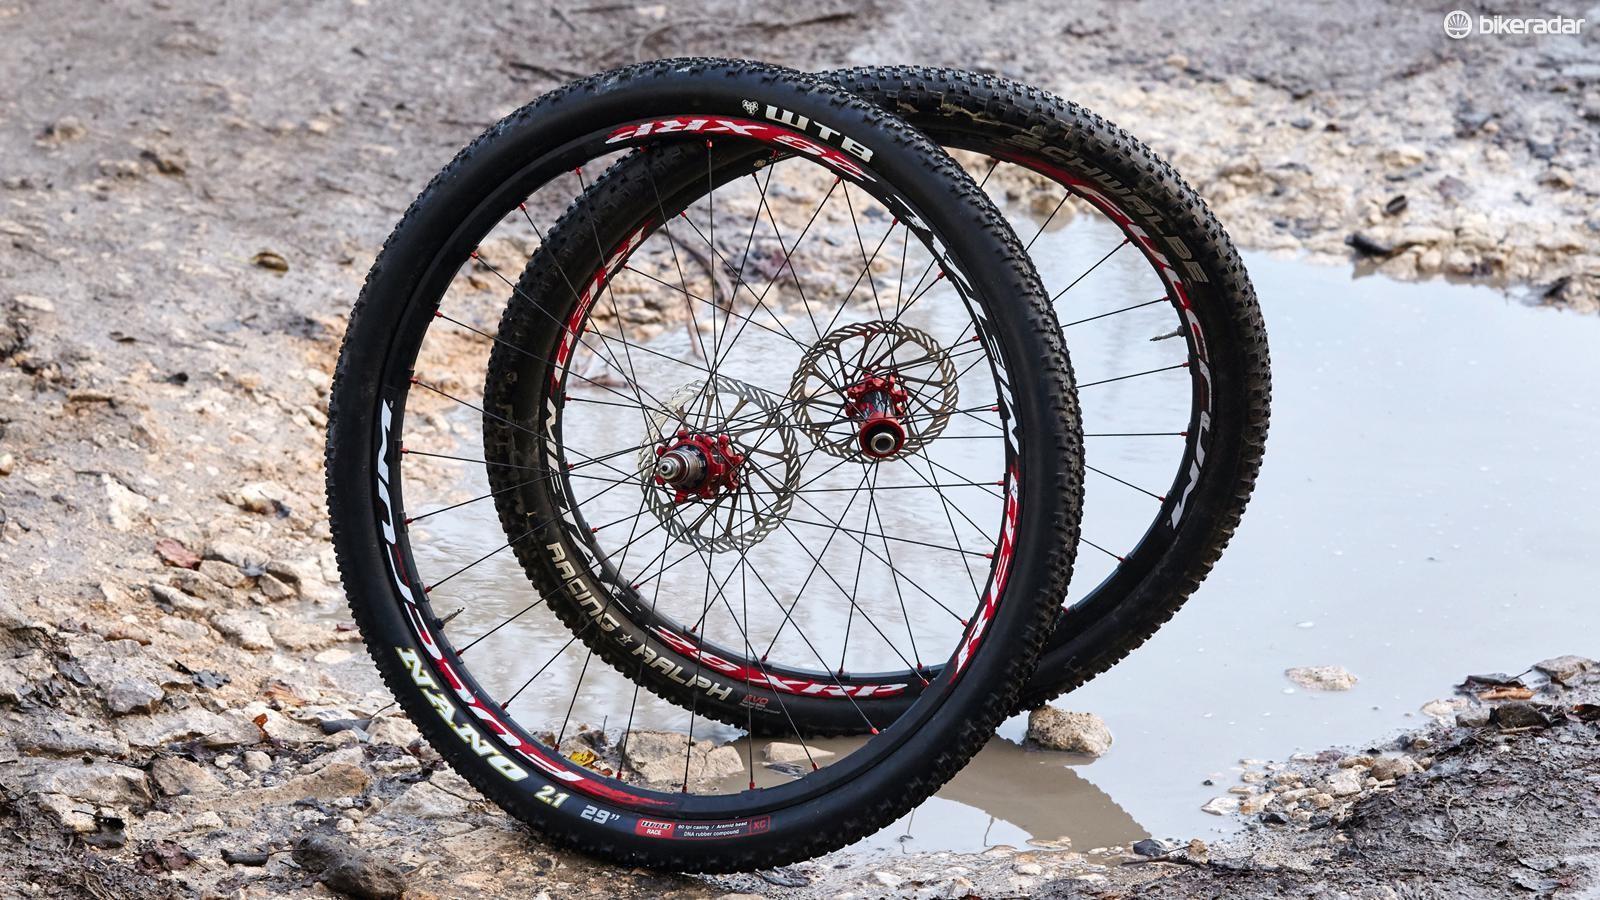 Fulcrum Red Metal XRP 29 wheels